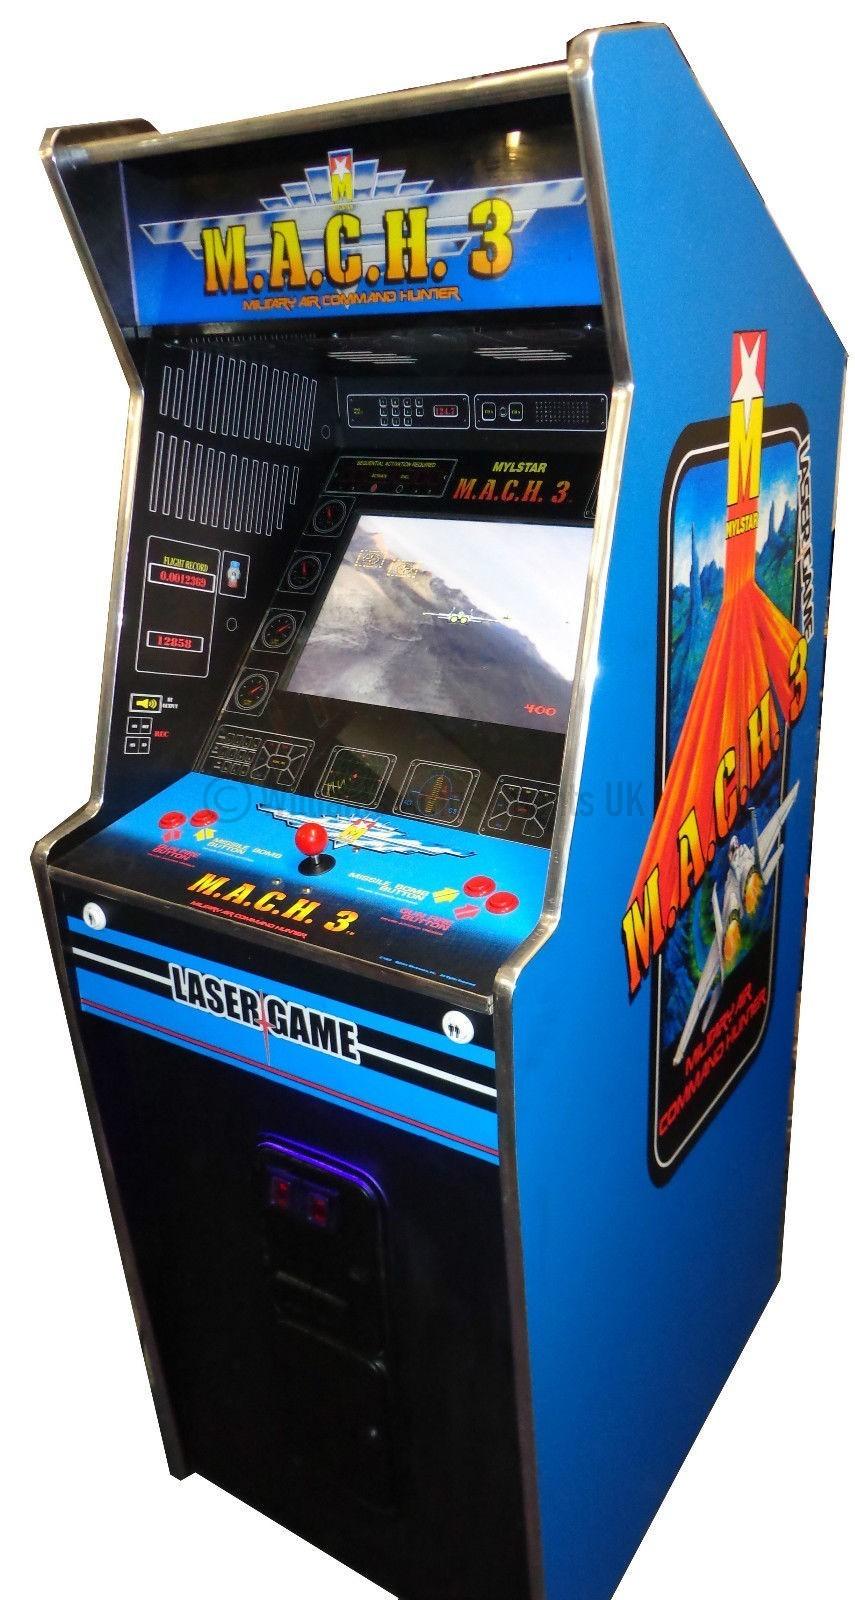 1942 Arcade Cabinet Mach 3 Arcade Machine